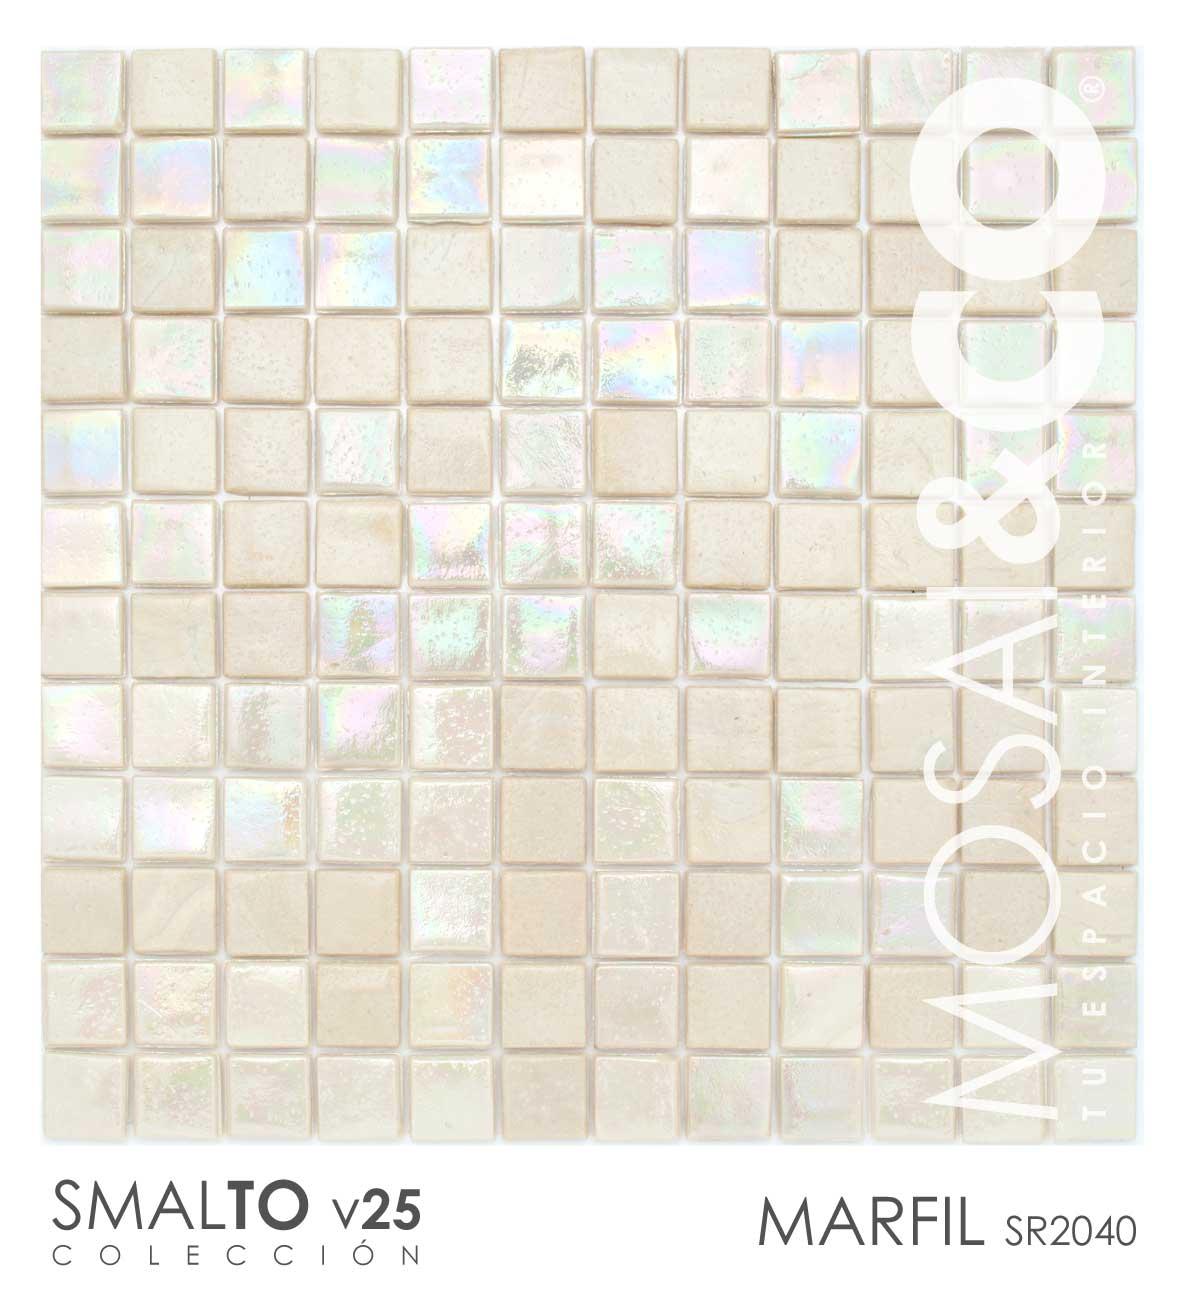 mosaico-interiores-mosaiandco-smalto-v25-marfil-sr2040